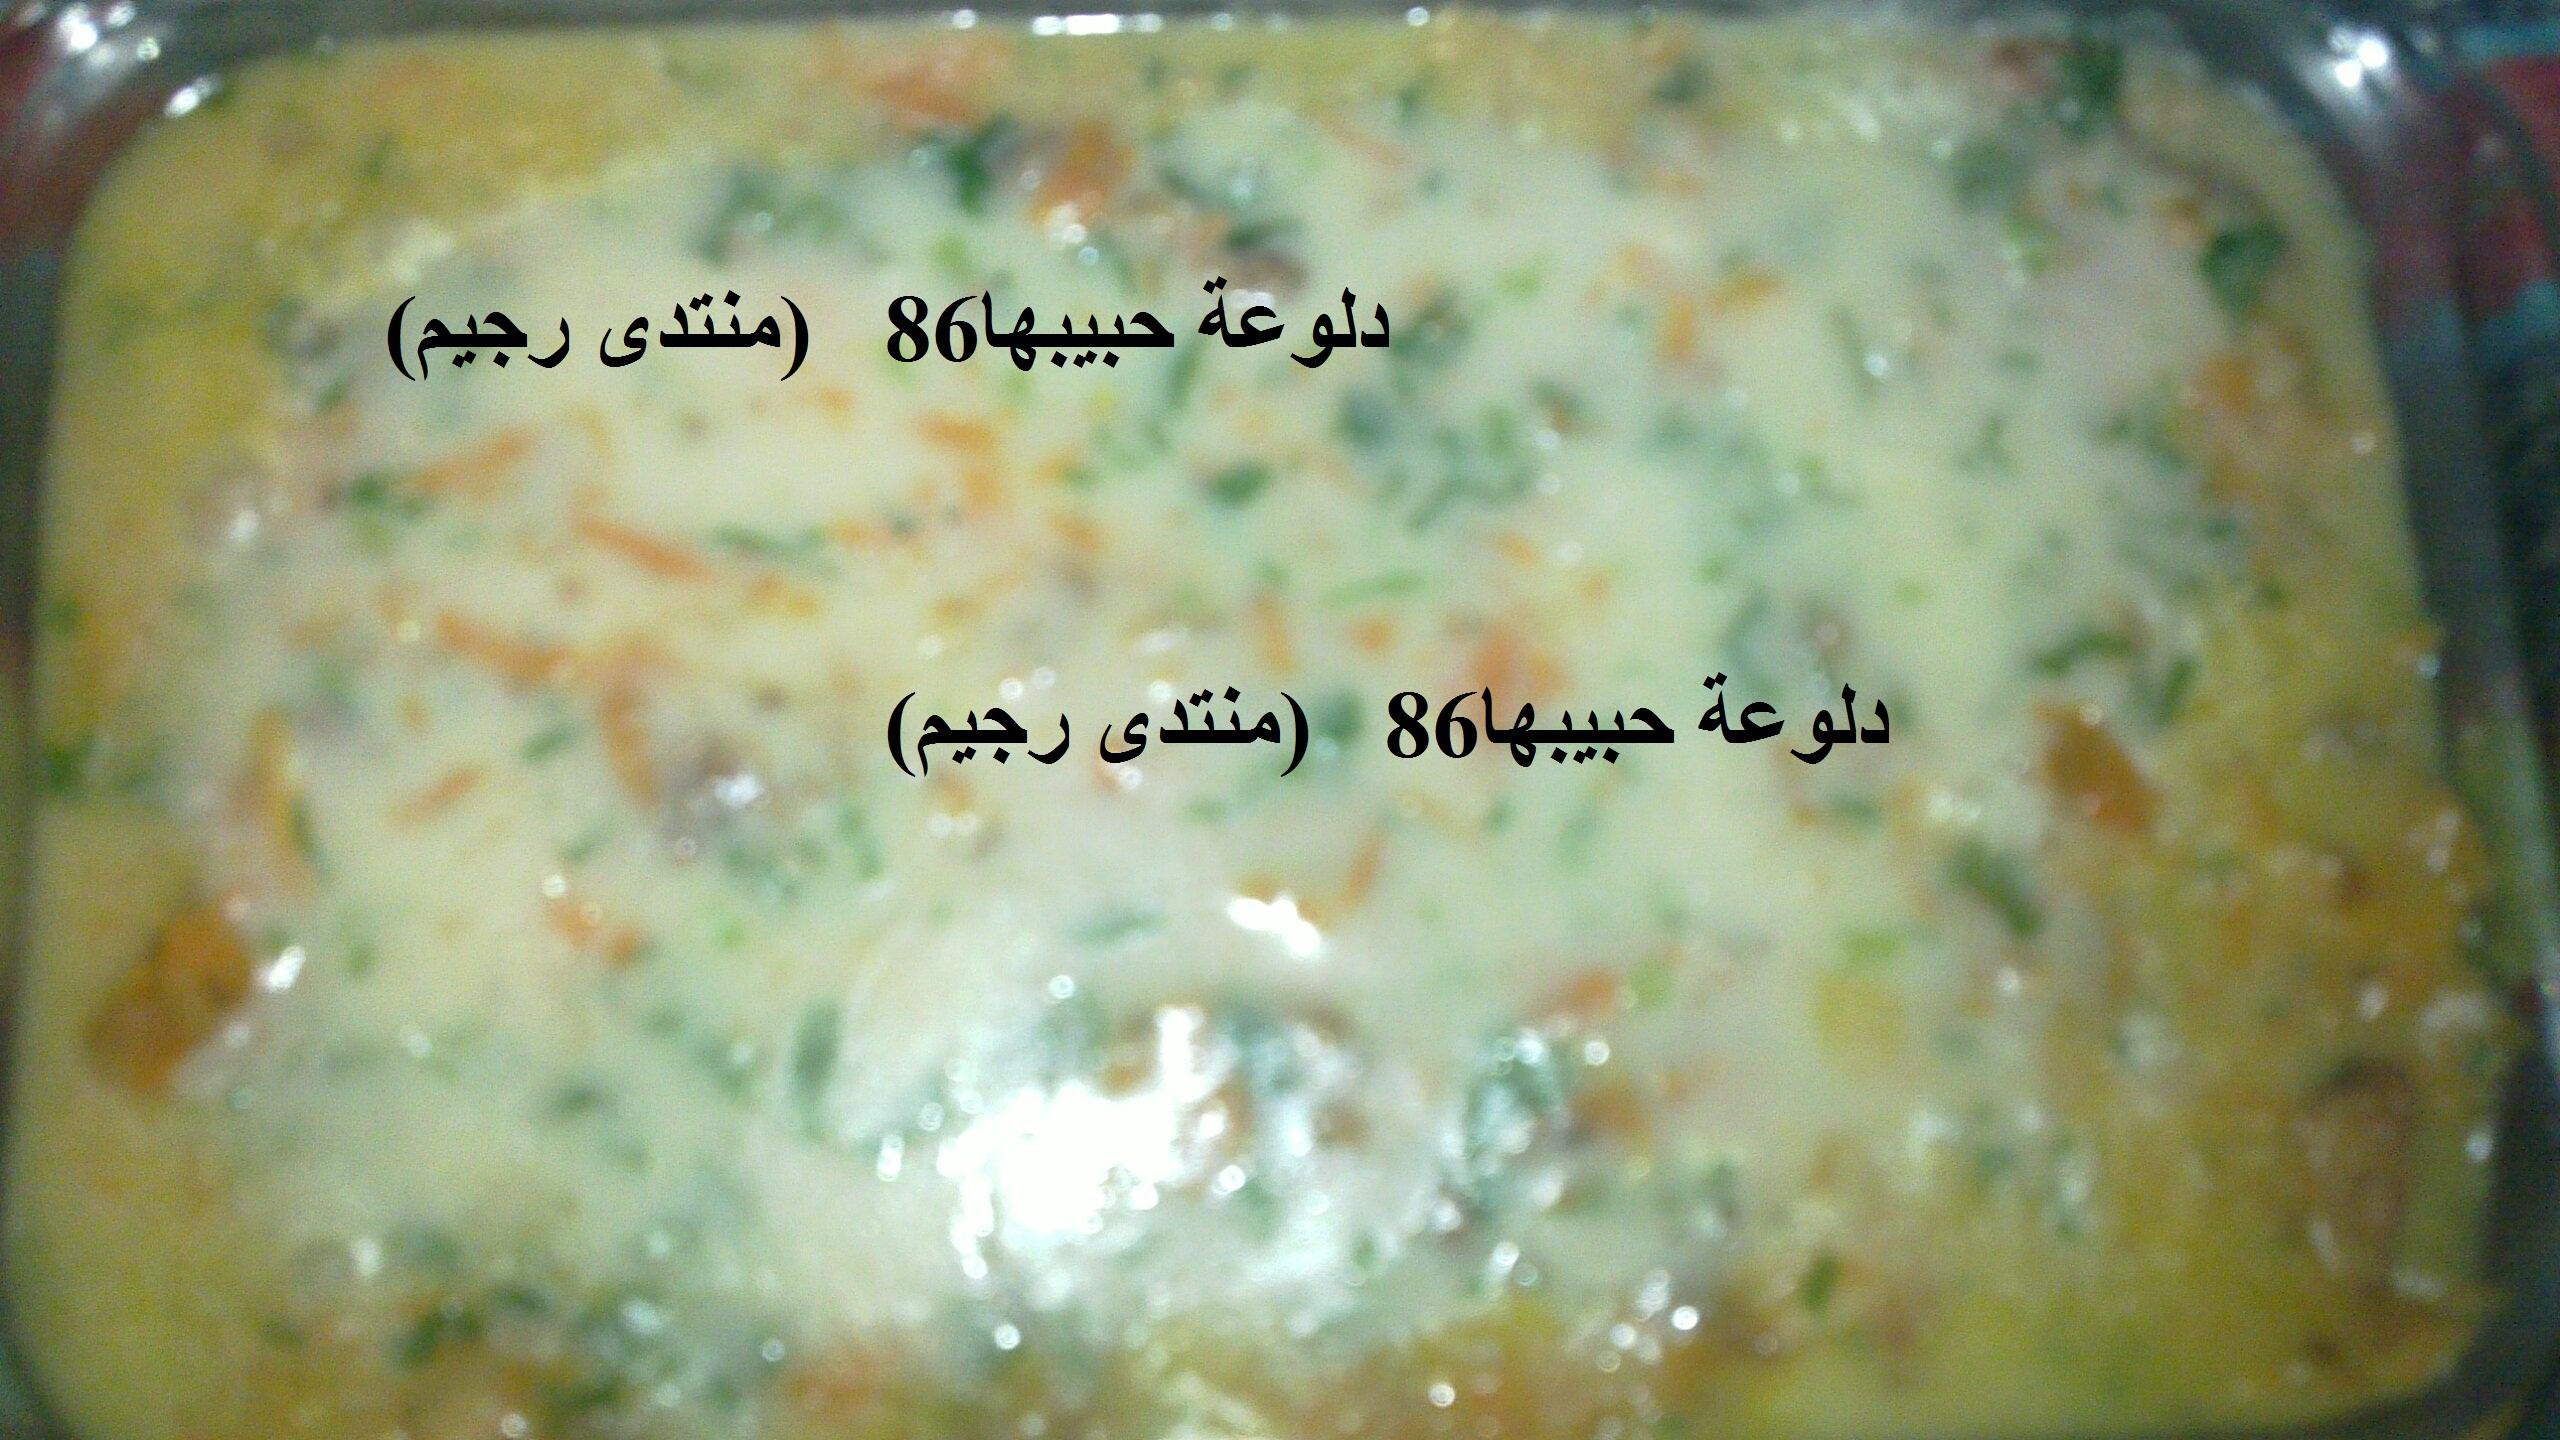 زهرة او قرنبيط بالبشاميل بالصور من مطبخي روعة 13562037761.jpg